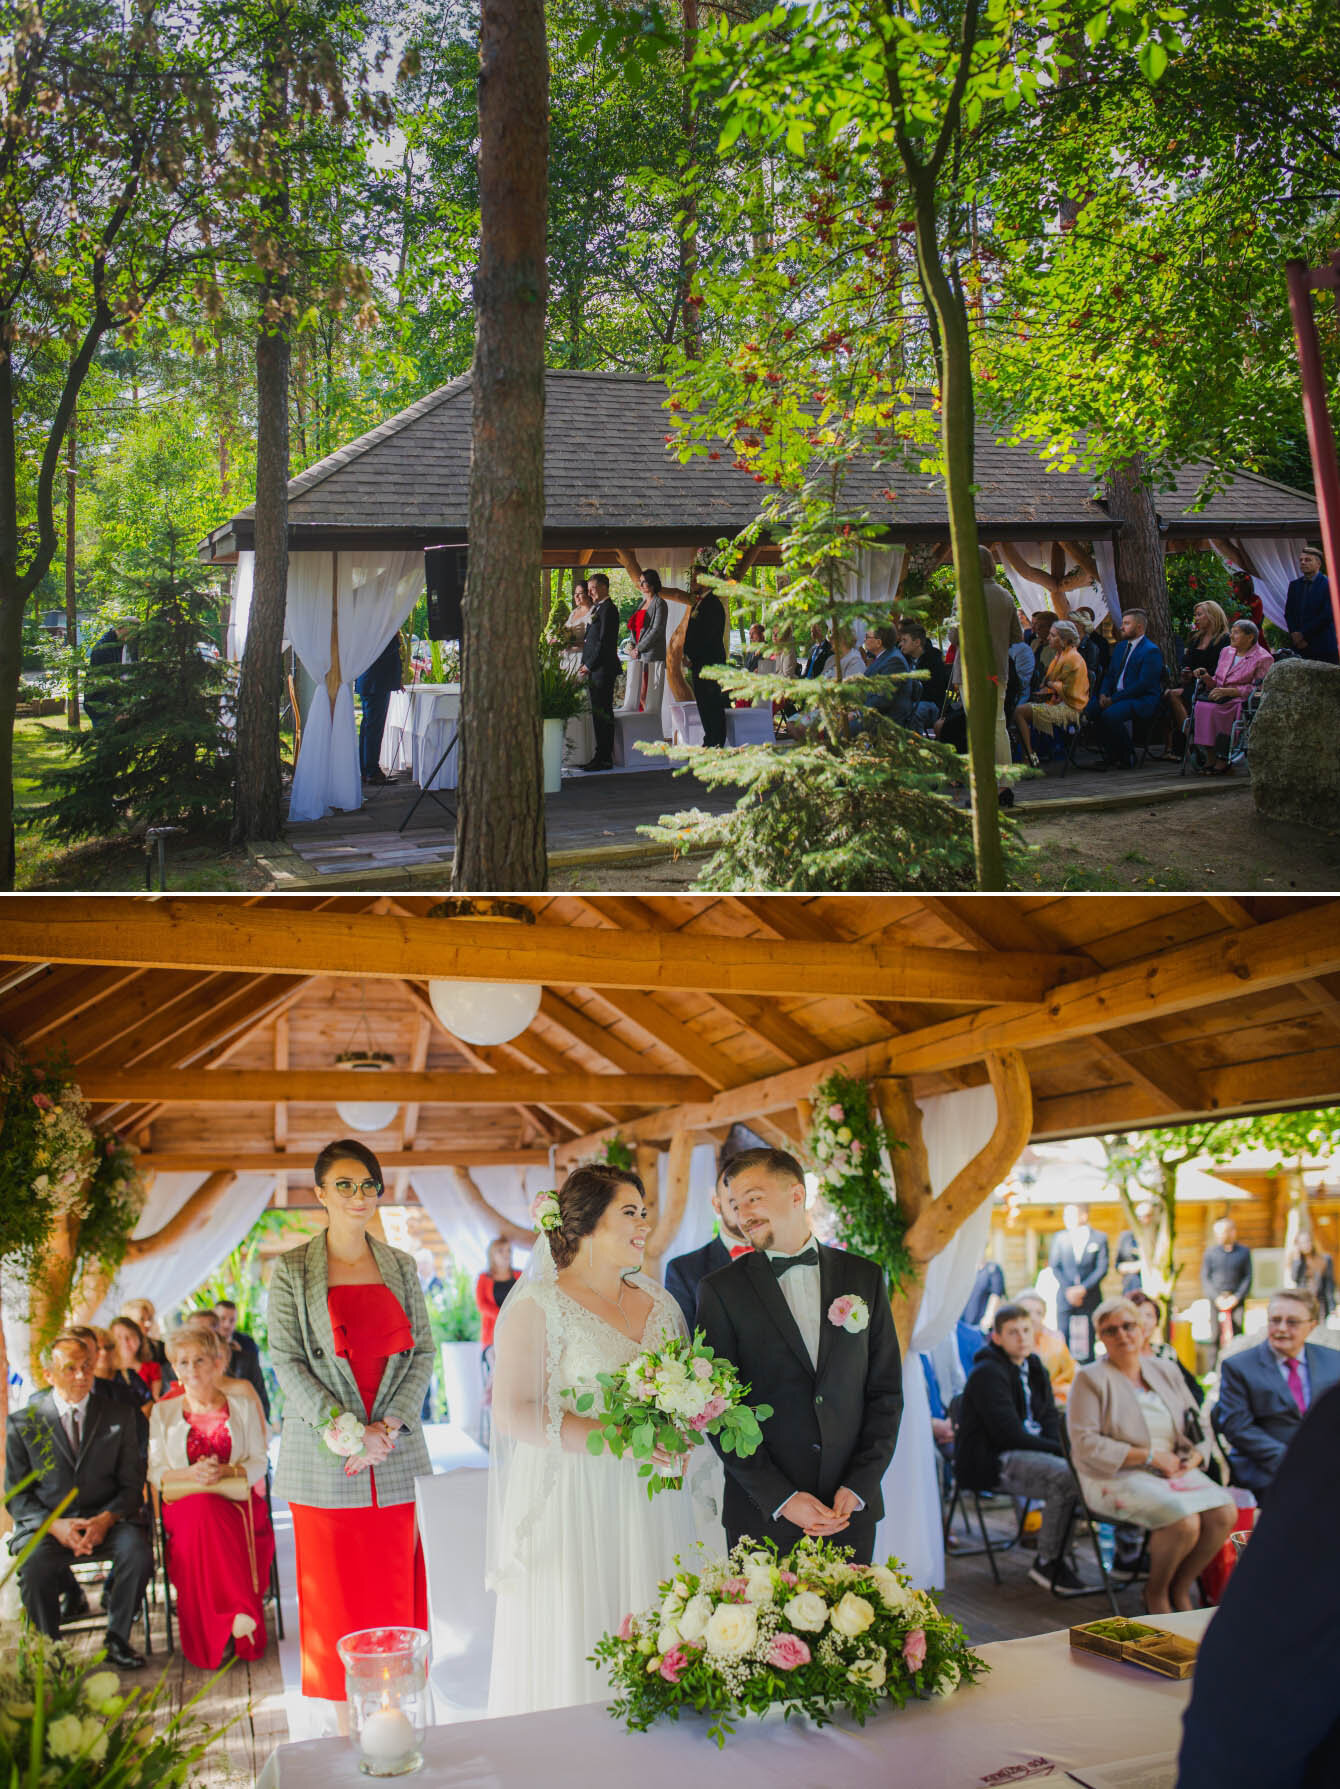 Fotografie ślubne Marka i Angeliki w domu weselnym pod Grzybkiem fotograf Bartek Wyrobek  17.jpg